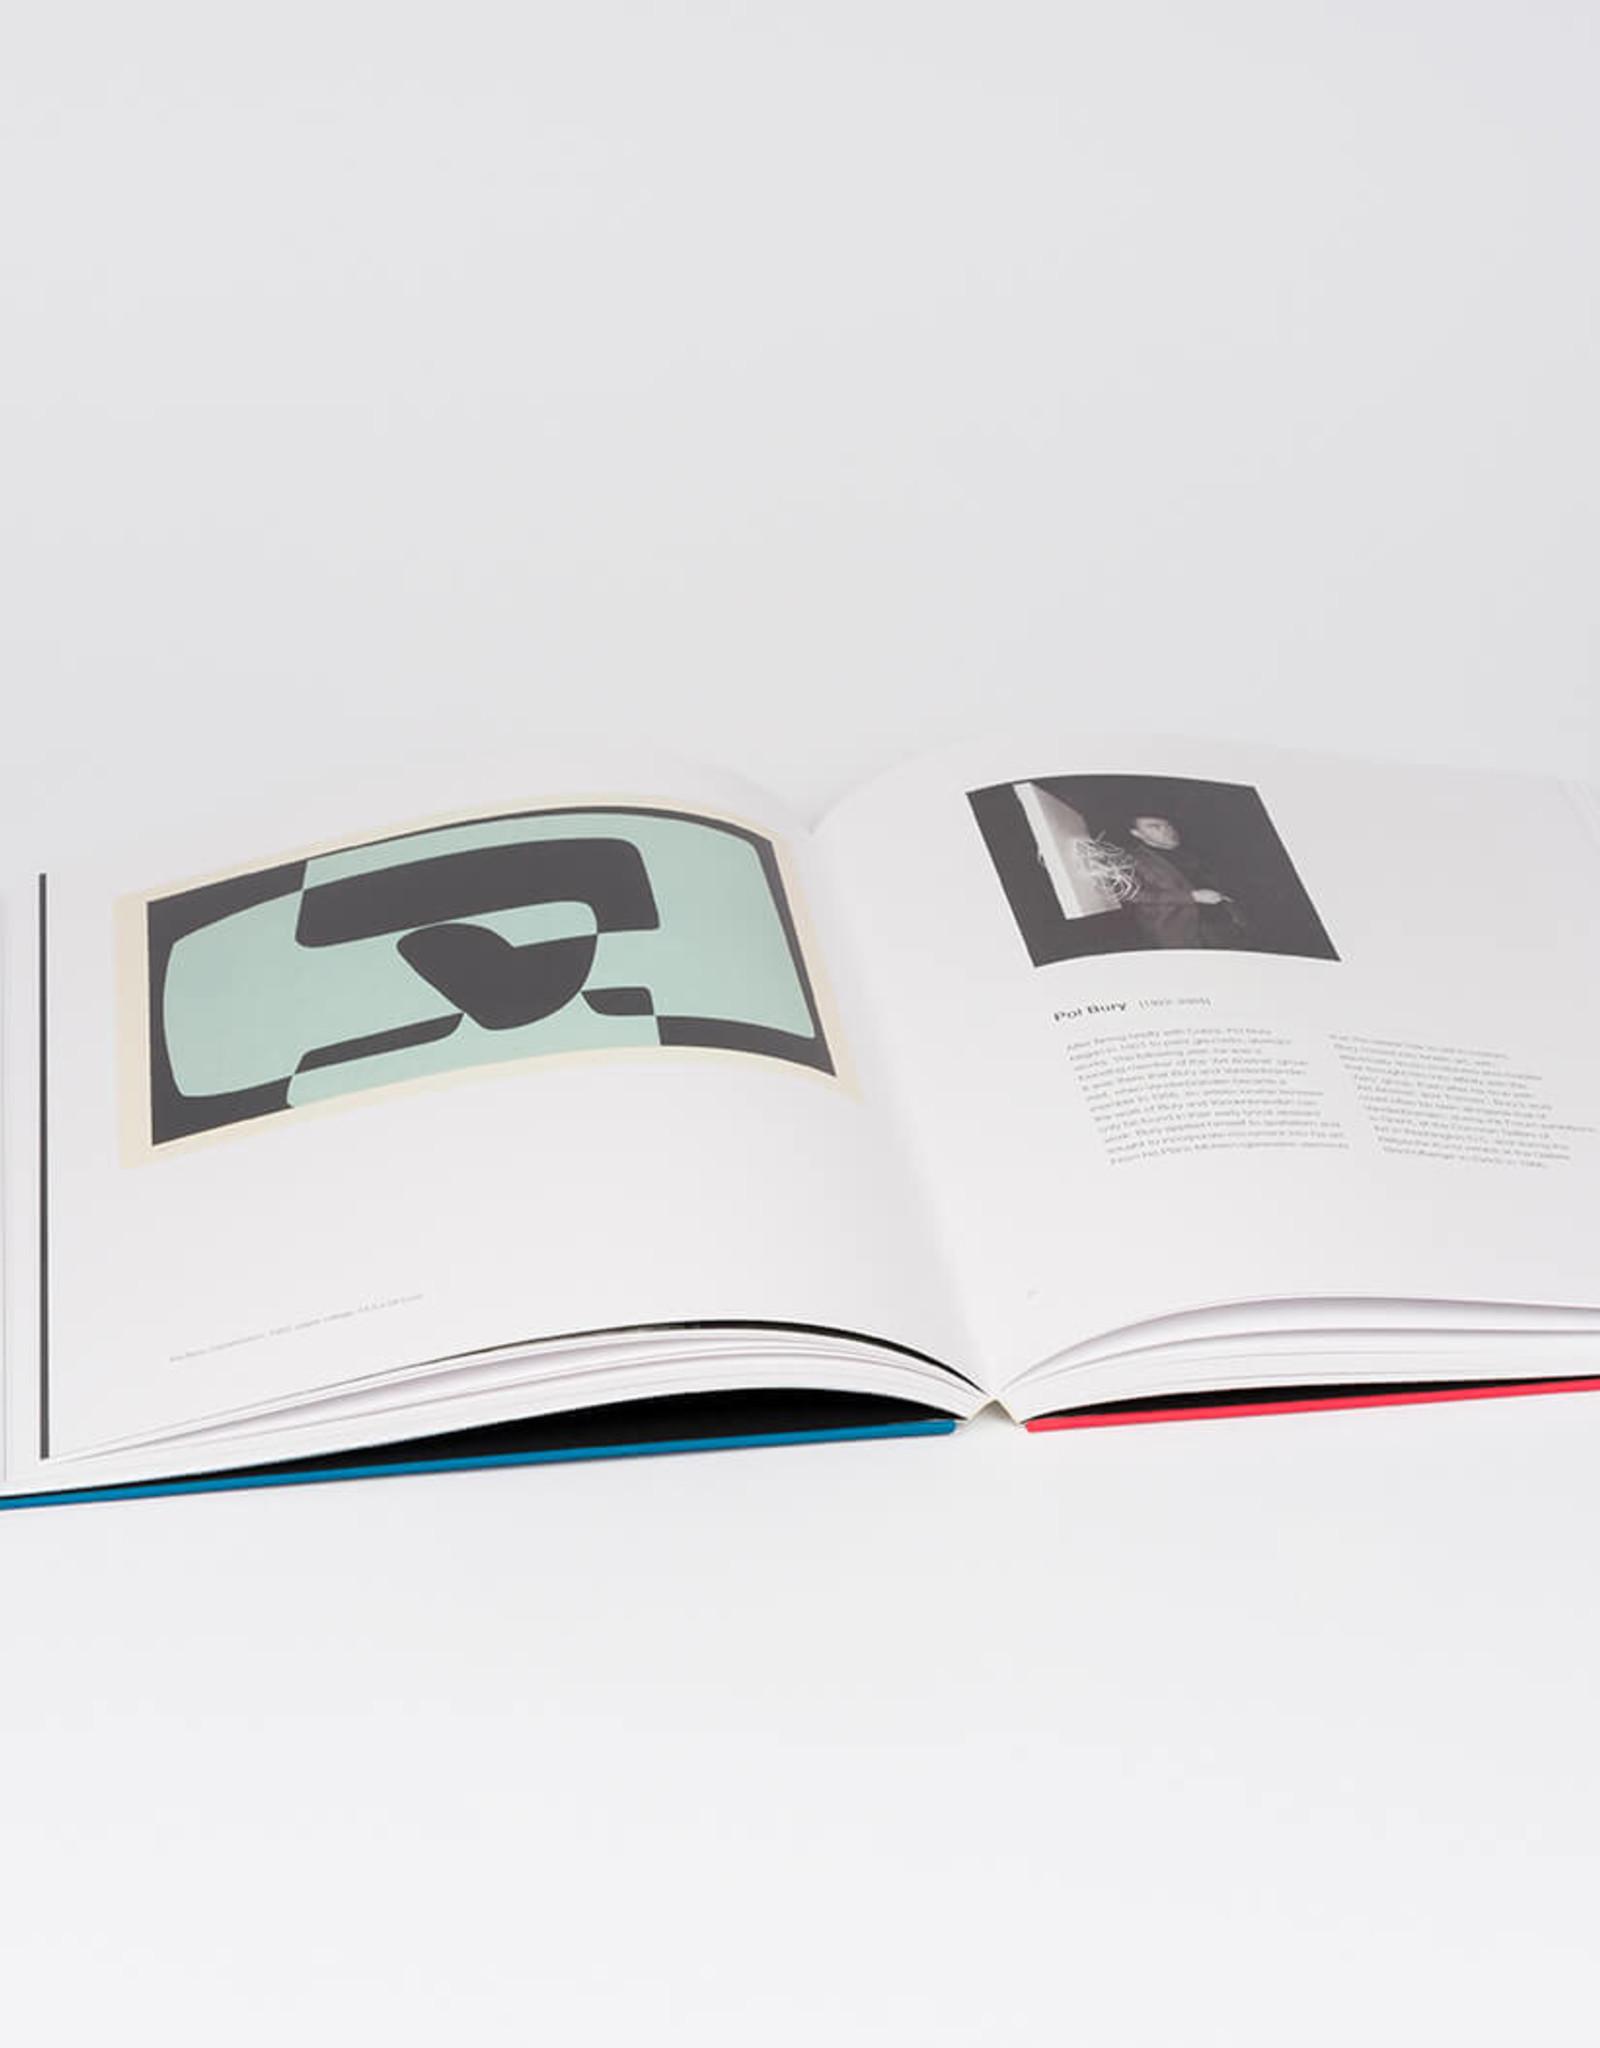 Guy Vandenbranden (in collaboration with Gallery Callewaert-Vanlangendonck) - Inner Circle